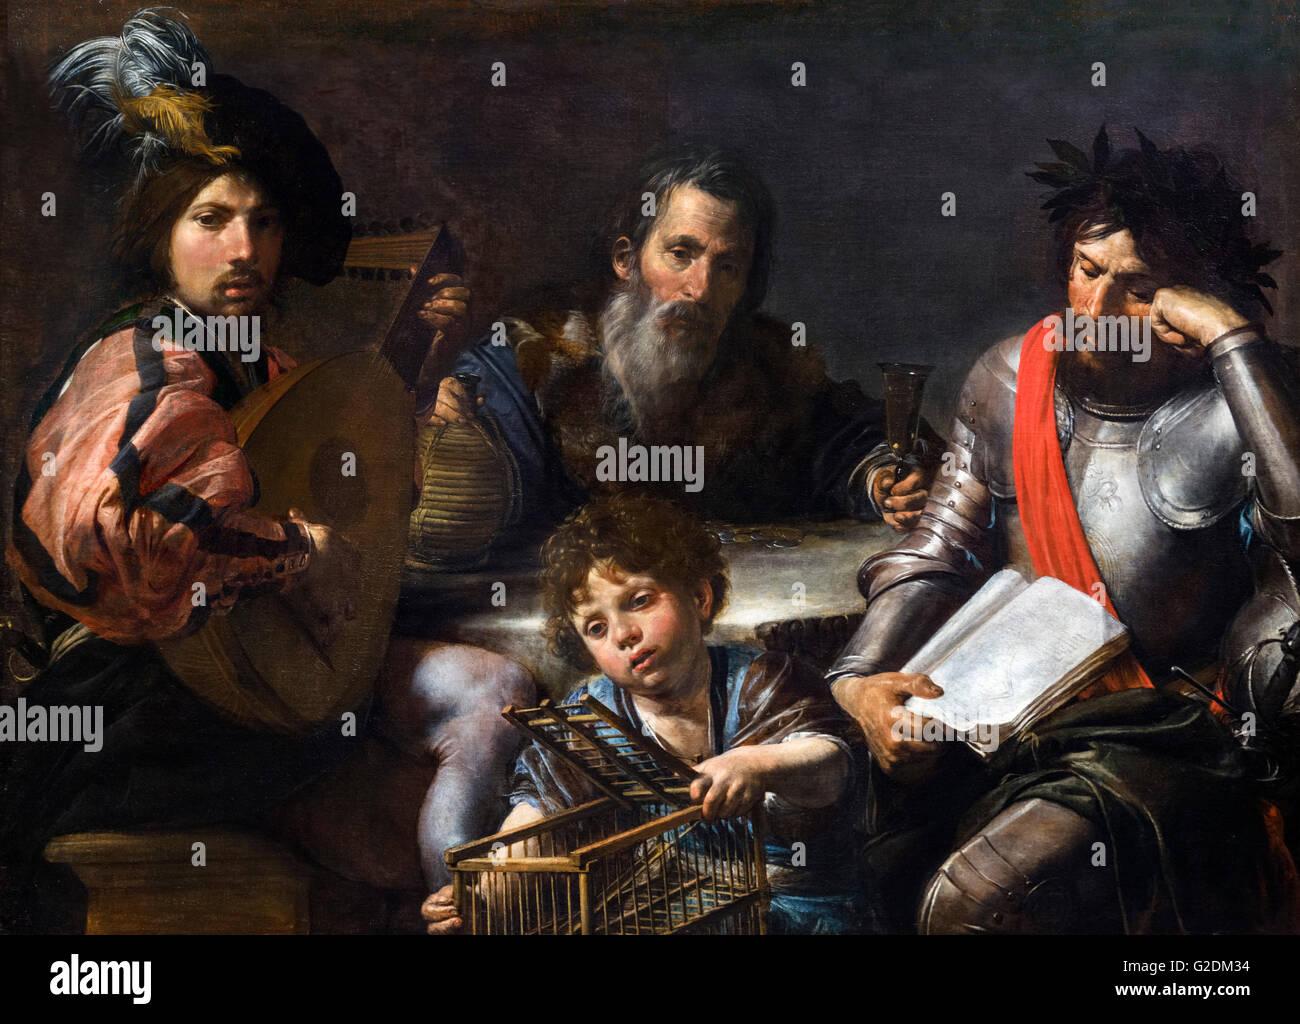 Les quatre âges de l'homme par Valentin de Boulogne, huile sur toile, c.1629. La peinture représente Photo Stock